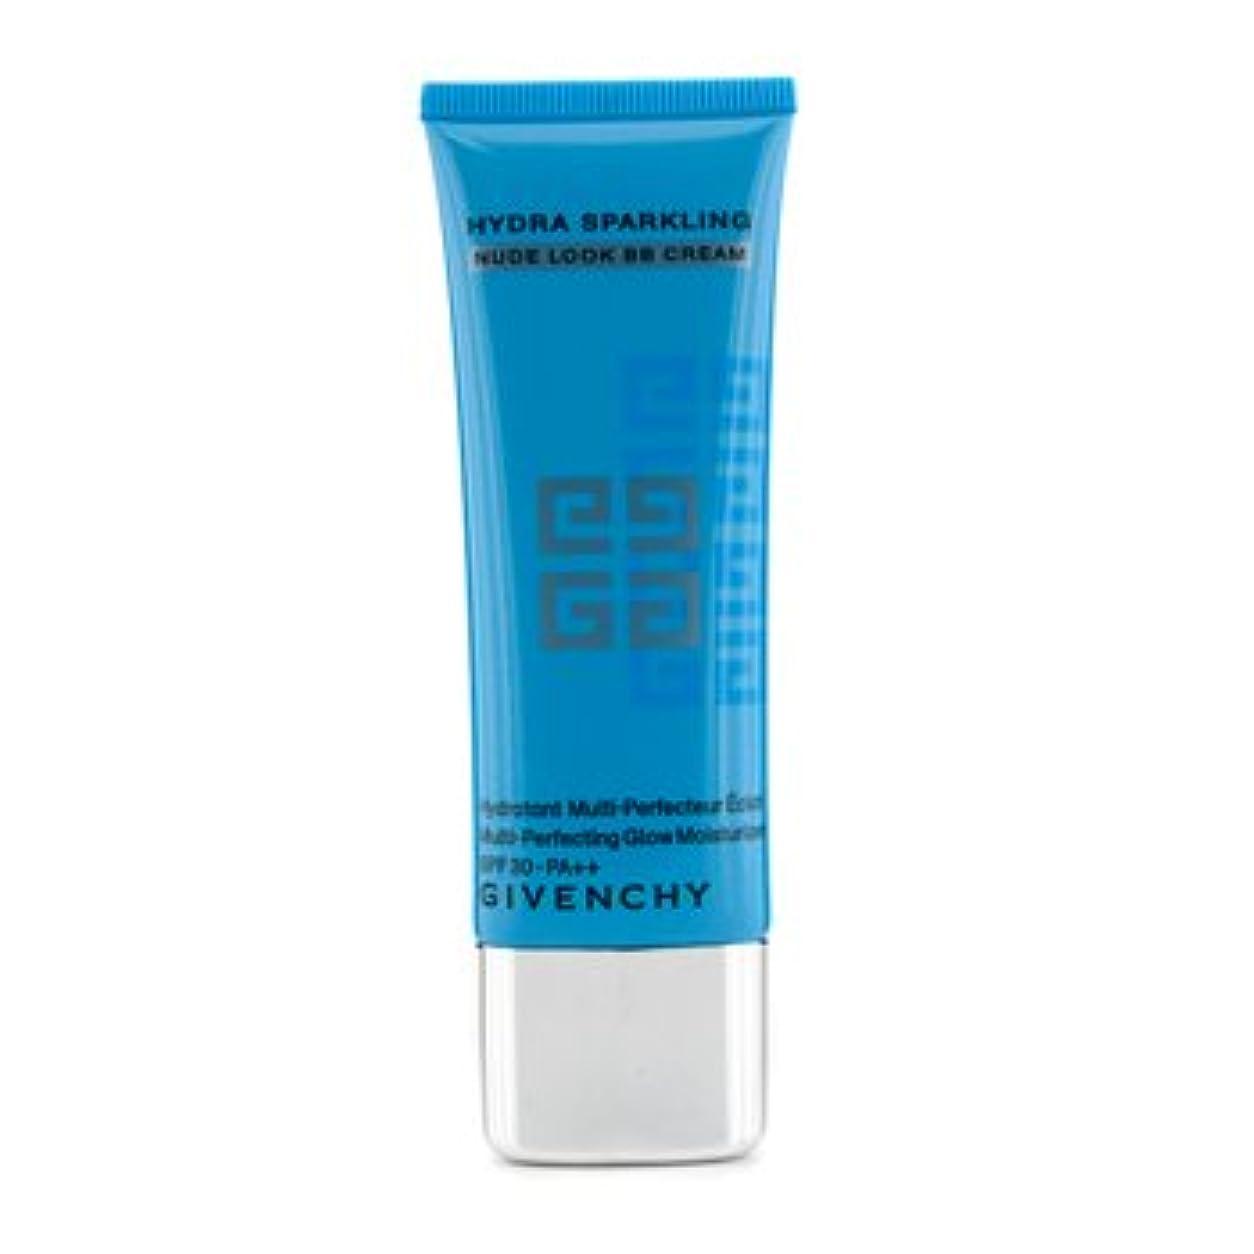 祖父母を訪問努力する[Givenchy] Nude Look BB Cream Multi-Perfecting Glow Moisturizer SPF 30 PA++ 40ml/1.35oz